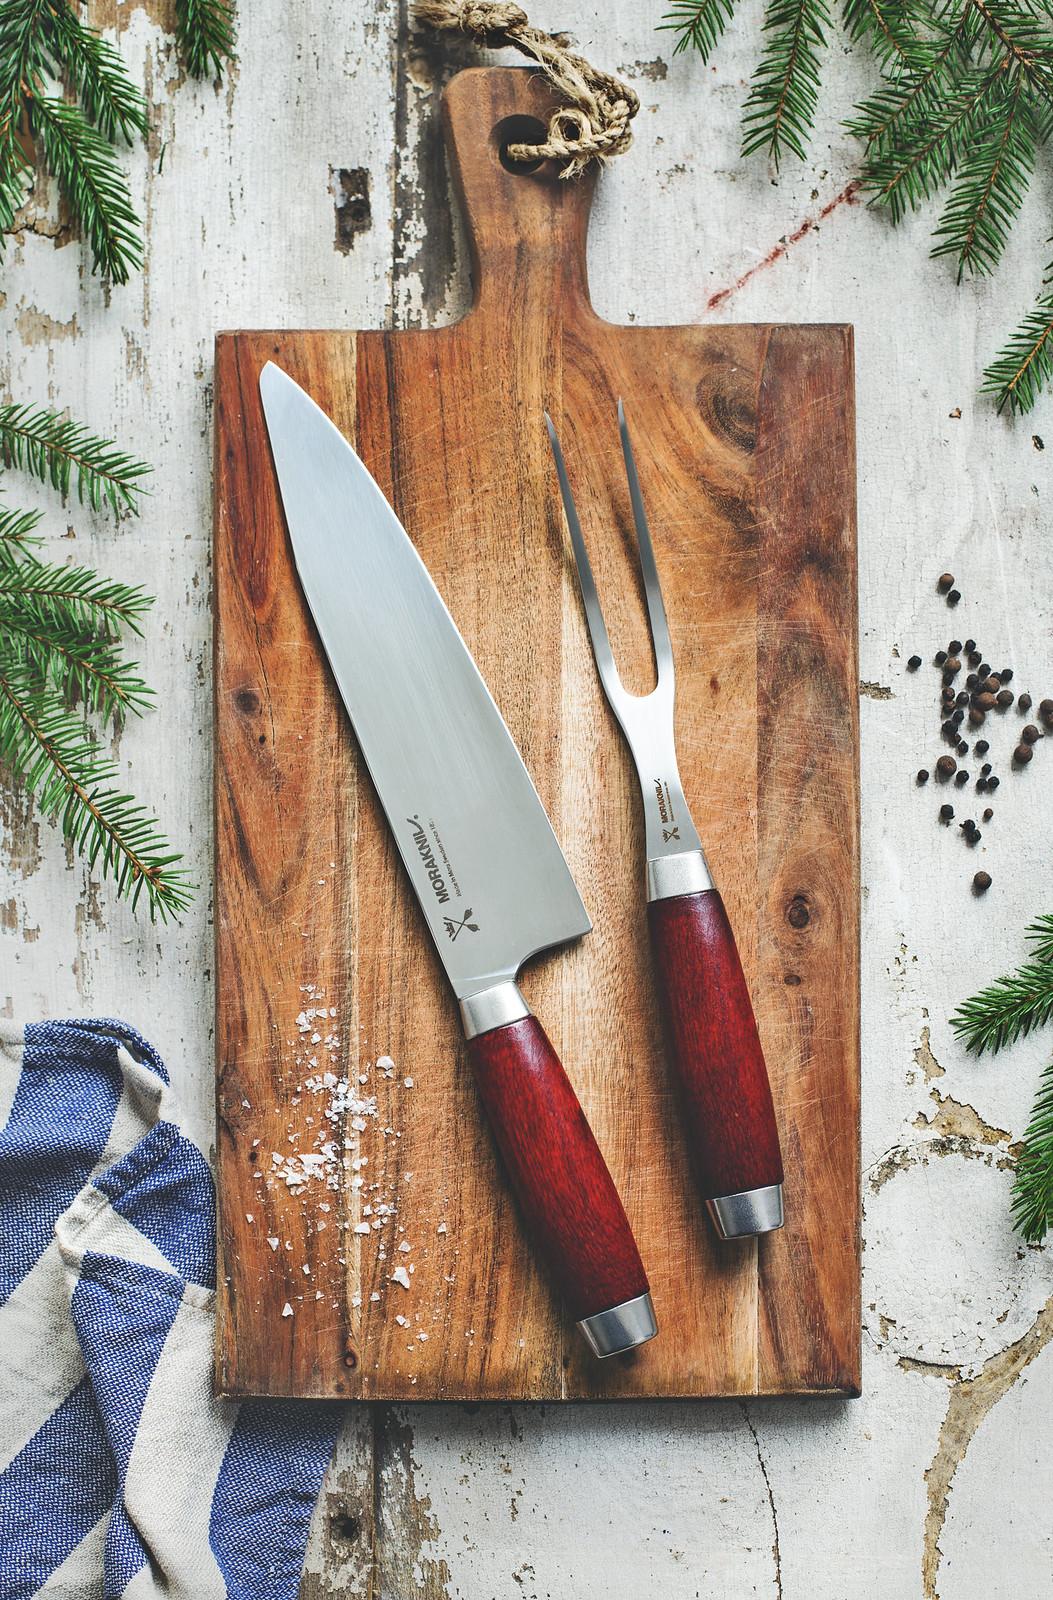 Kökskniv & Grillgaffel från Morakniv